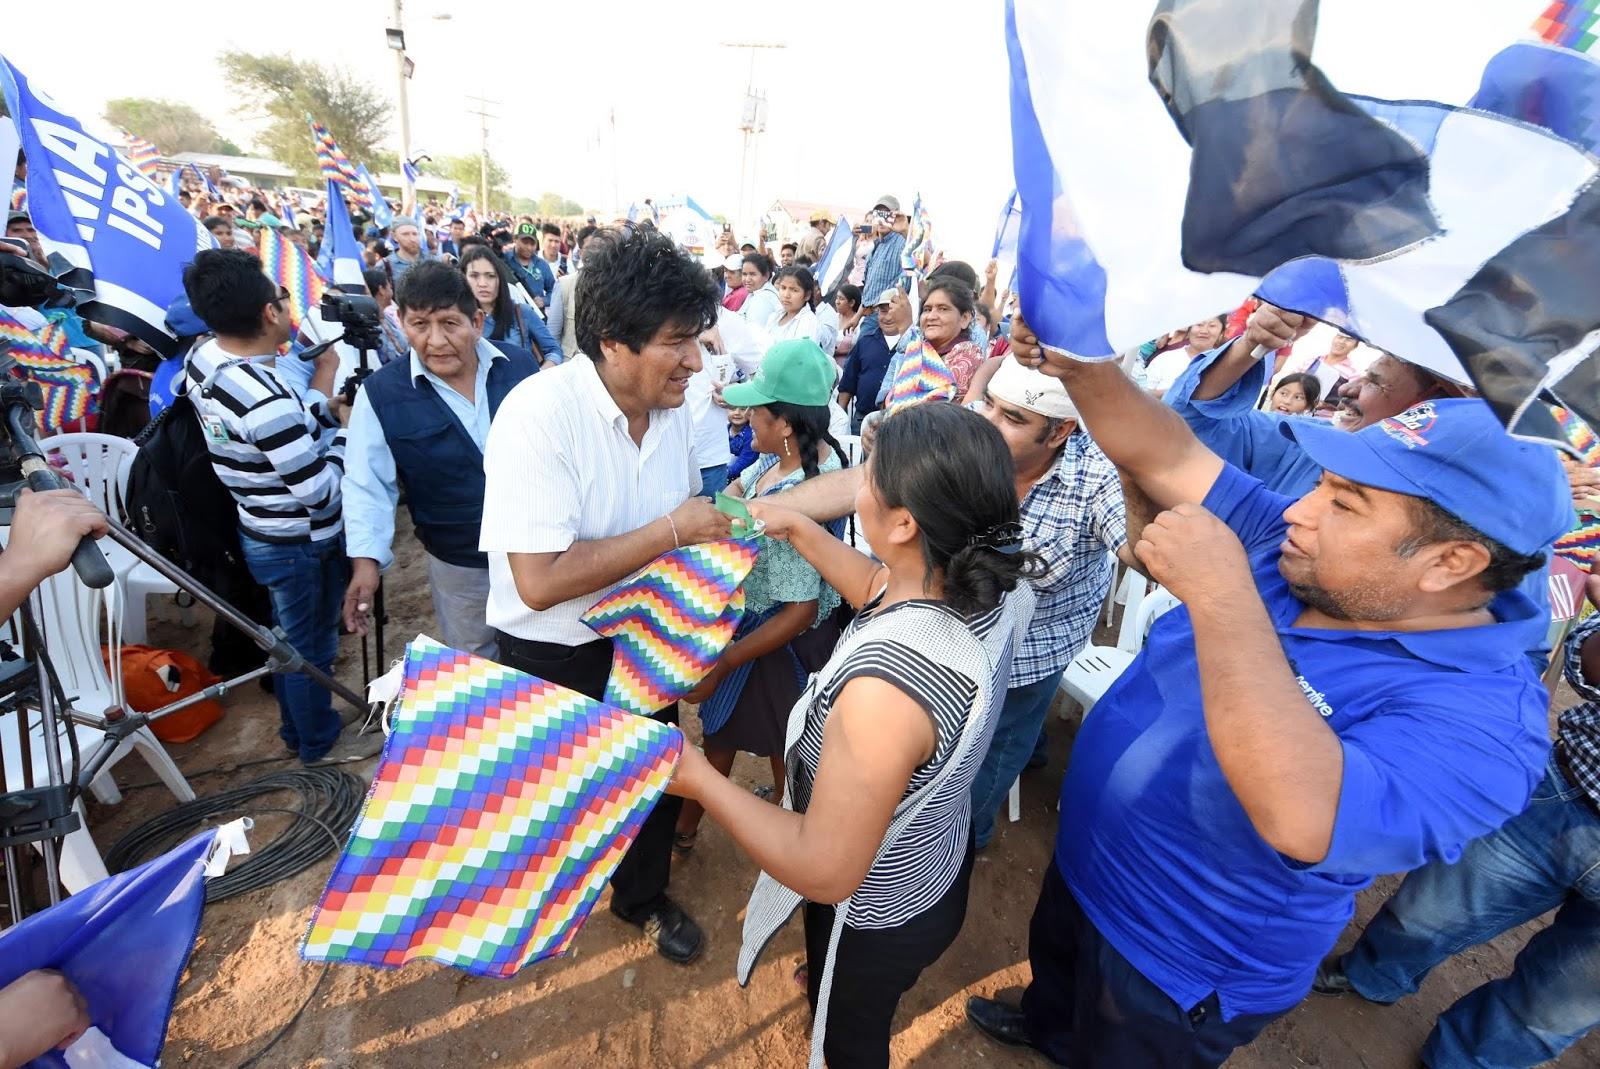 El mandatario candidato en un acto de entrega de obras hoy, rodeado de militantes del MAS en Santa Cruz / ABI